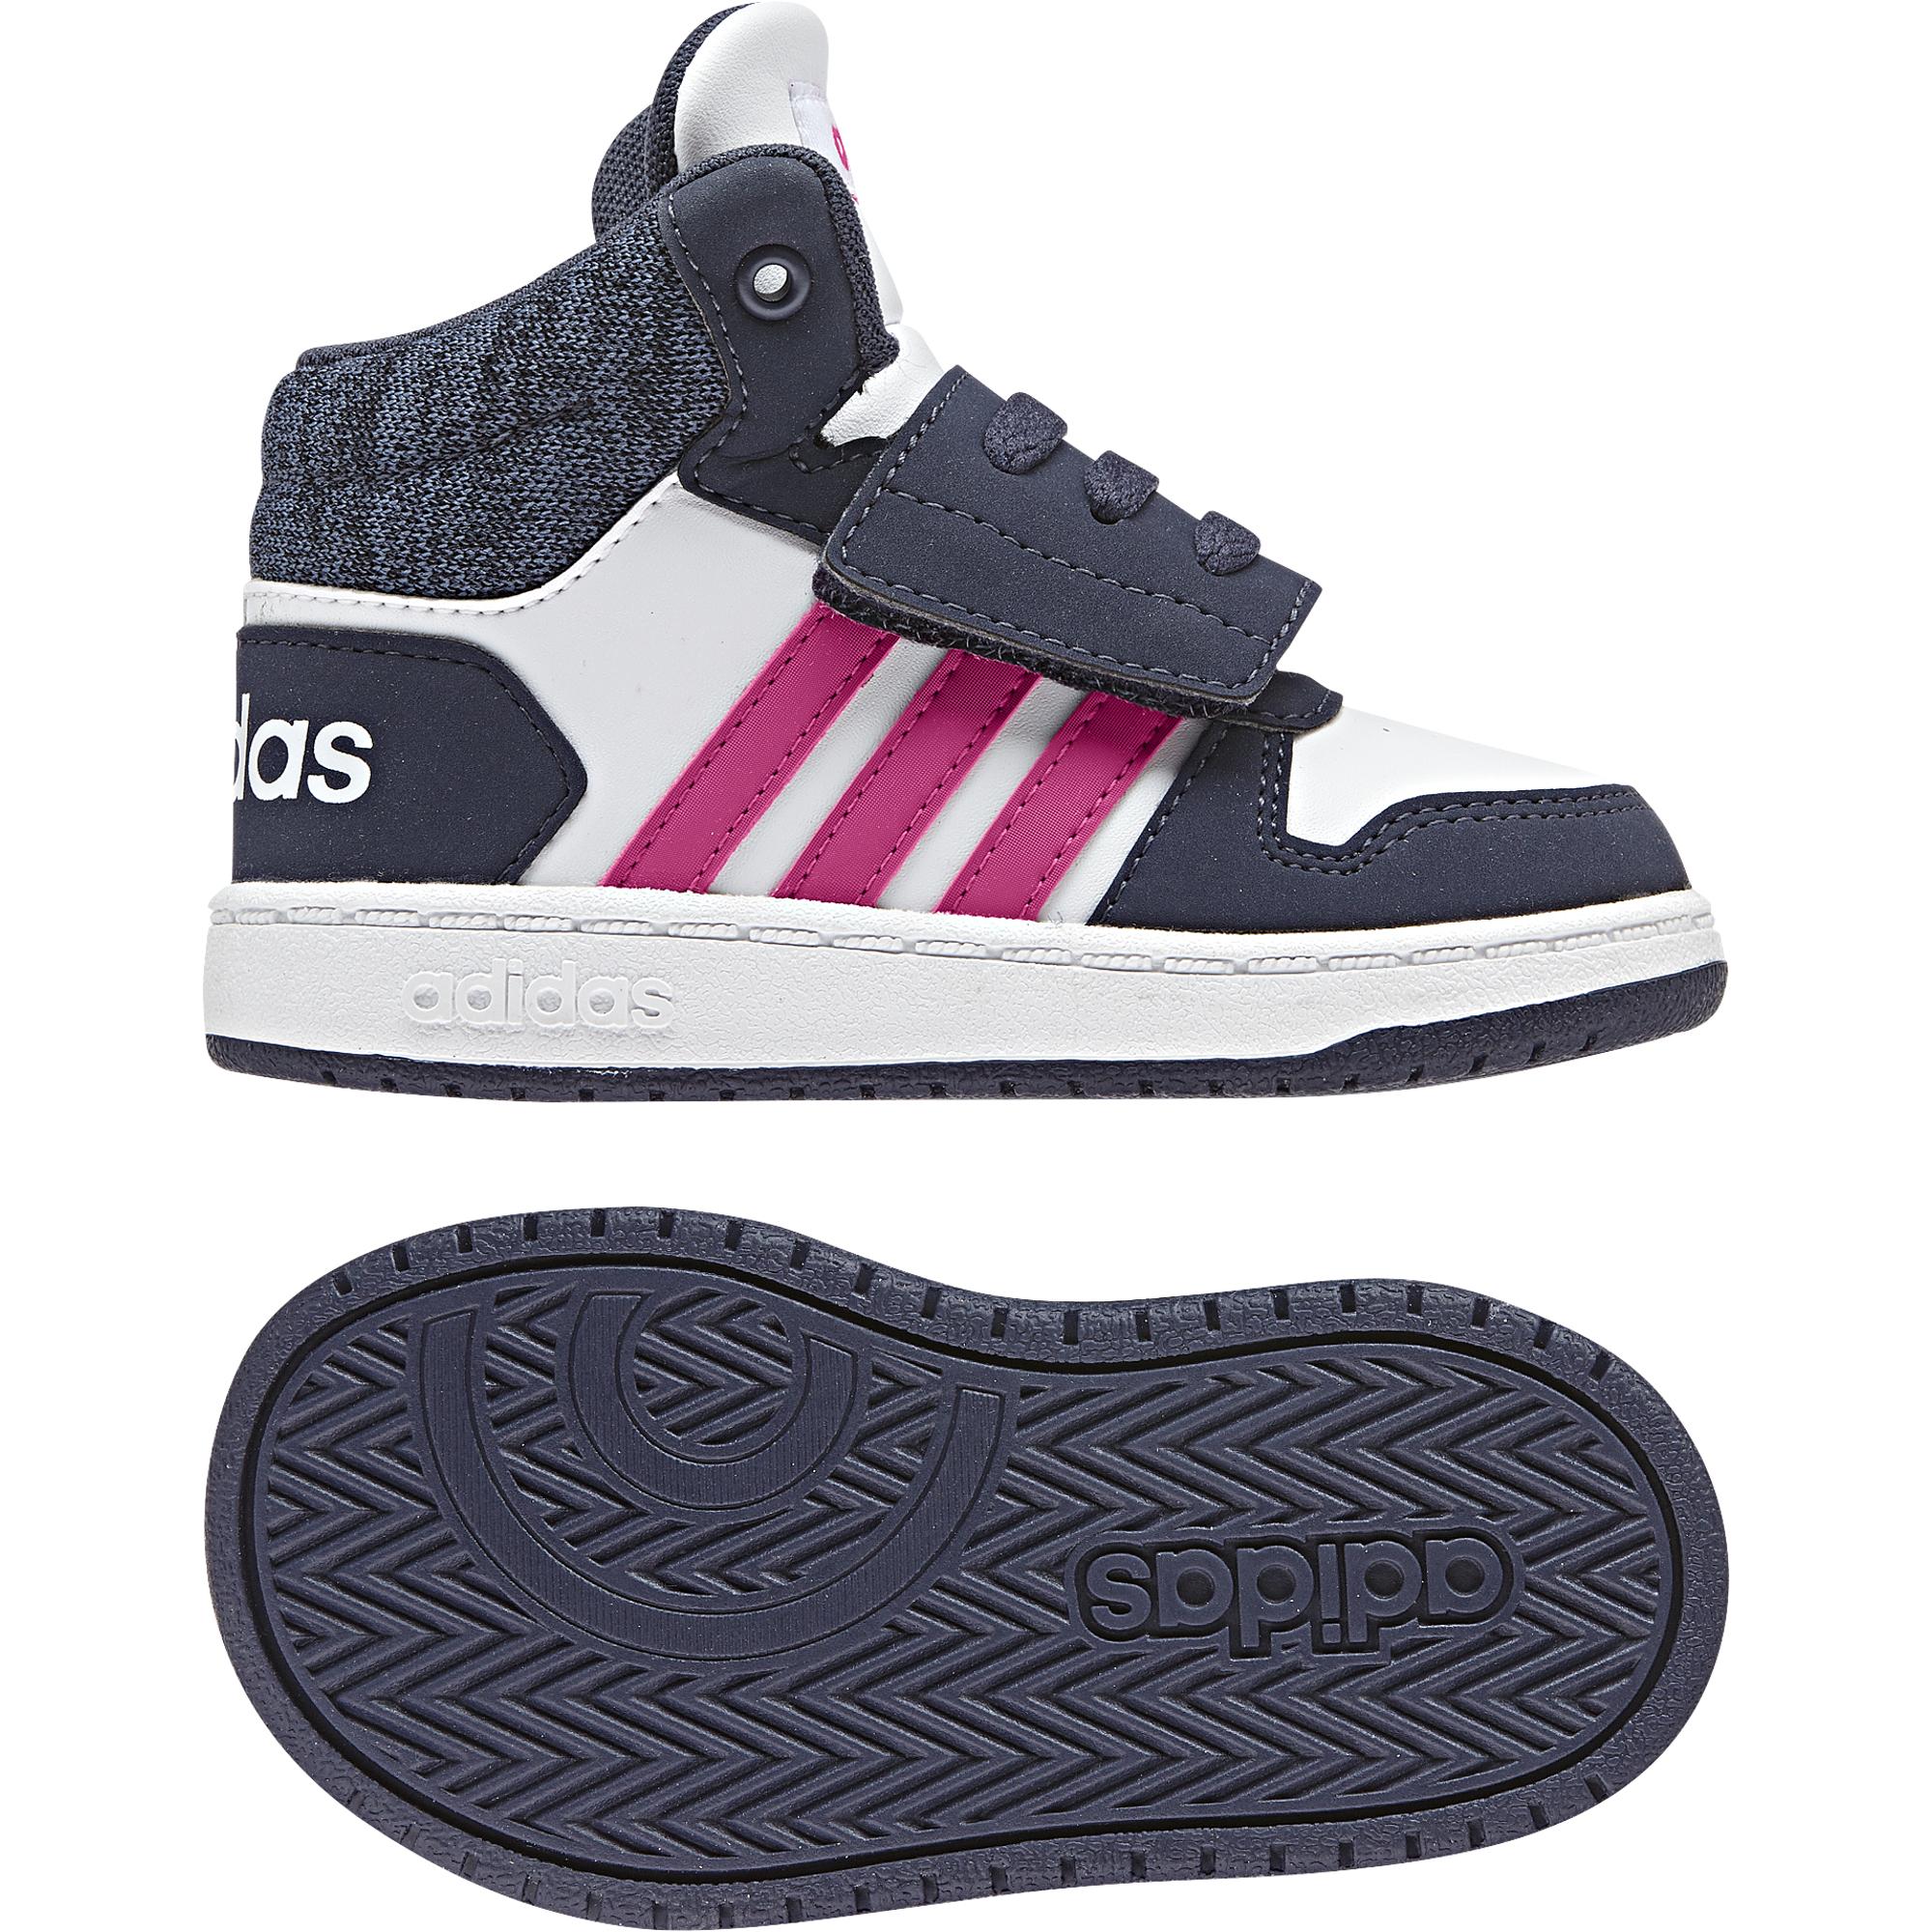 7e9d04ad02 Tenisky adidas HOOPS MID 2.0 l